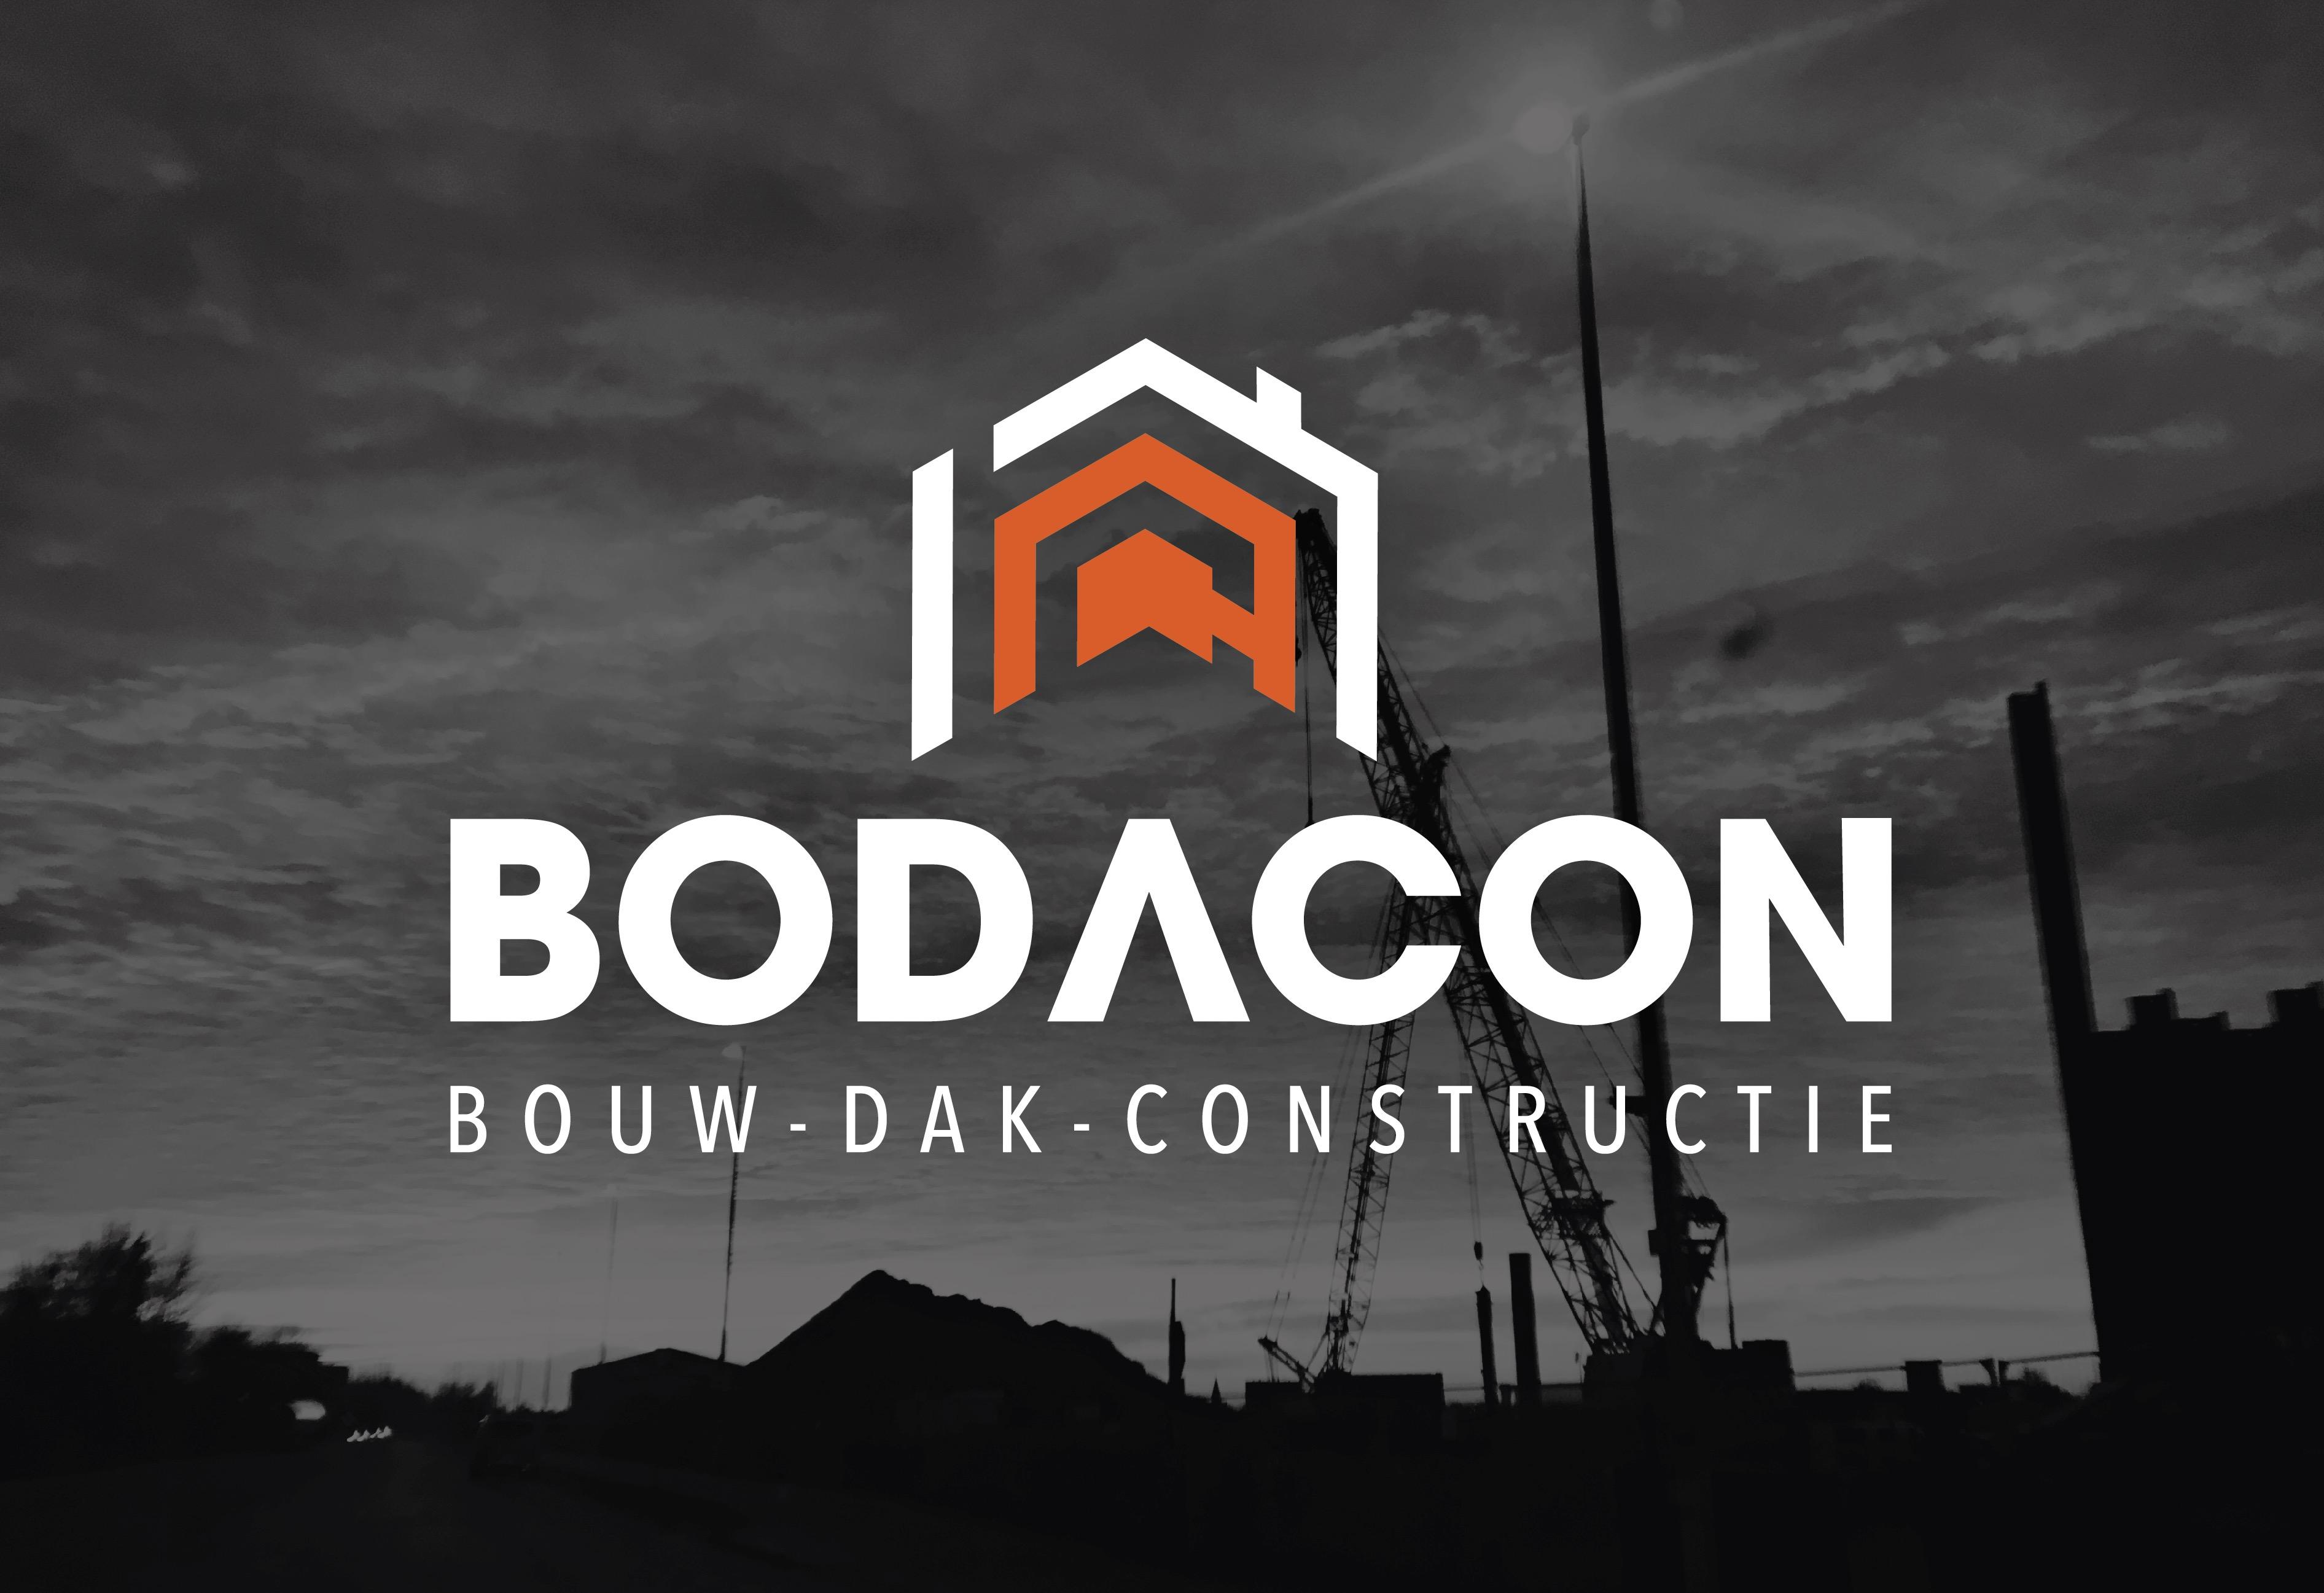 Bodacon